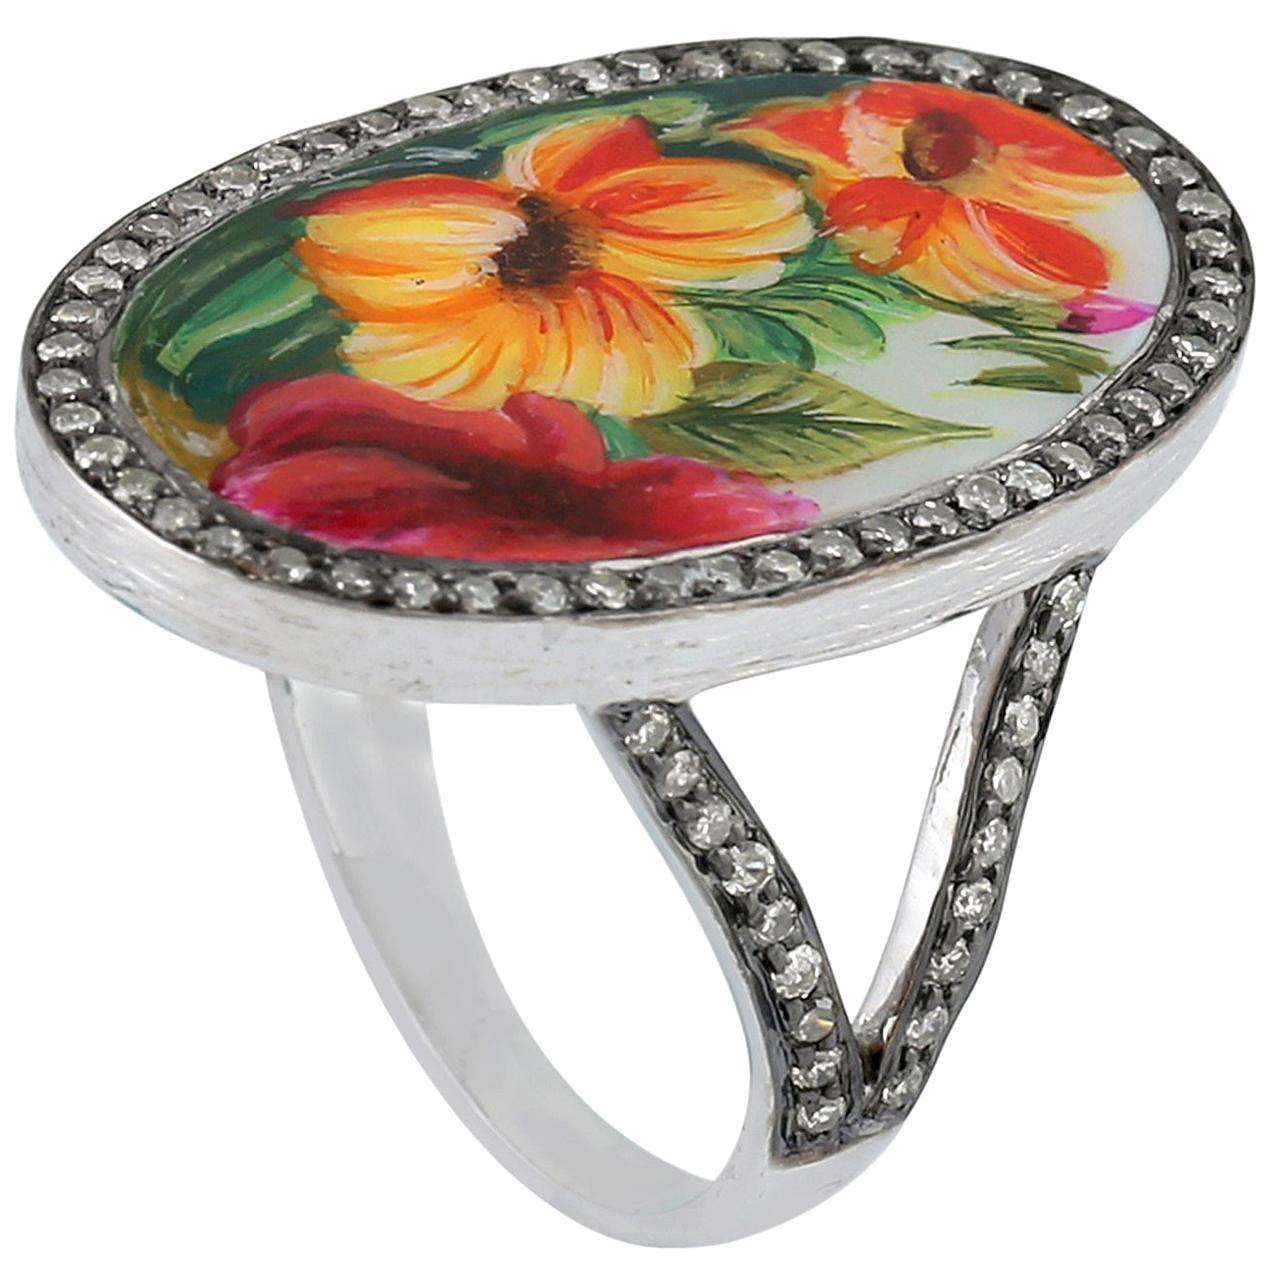 Enamel Diamond 18 Karat Floral Gold Ring